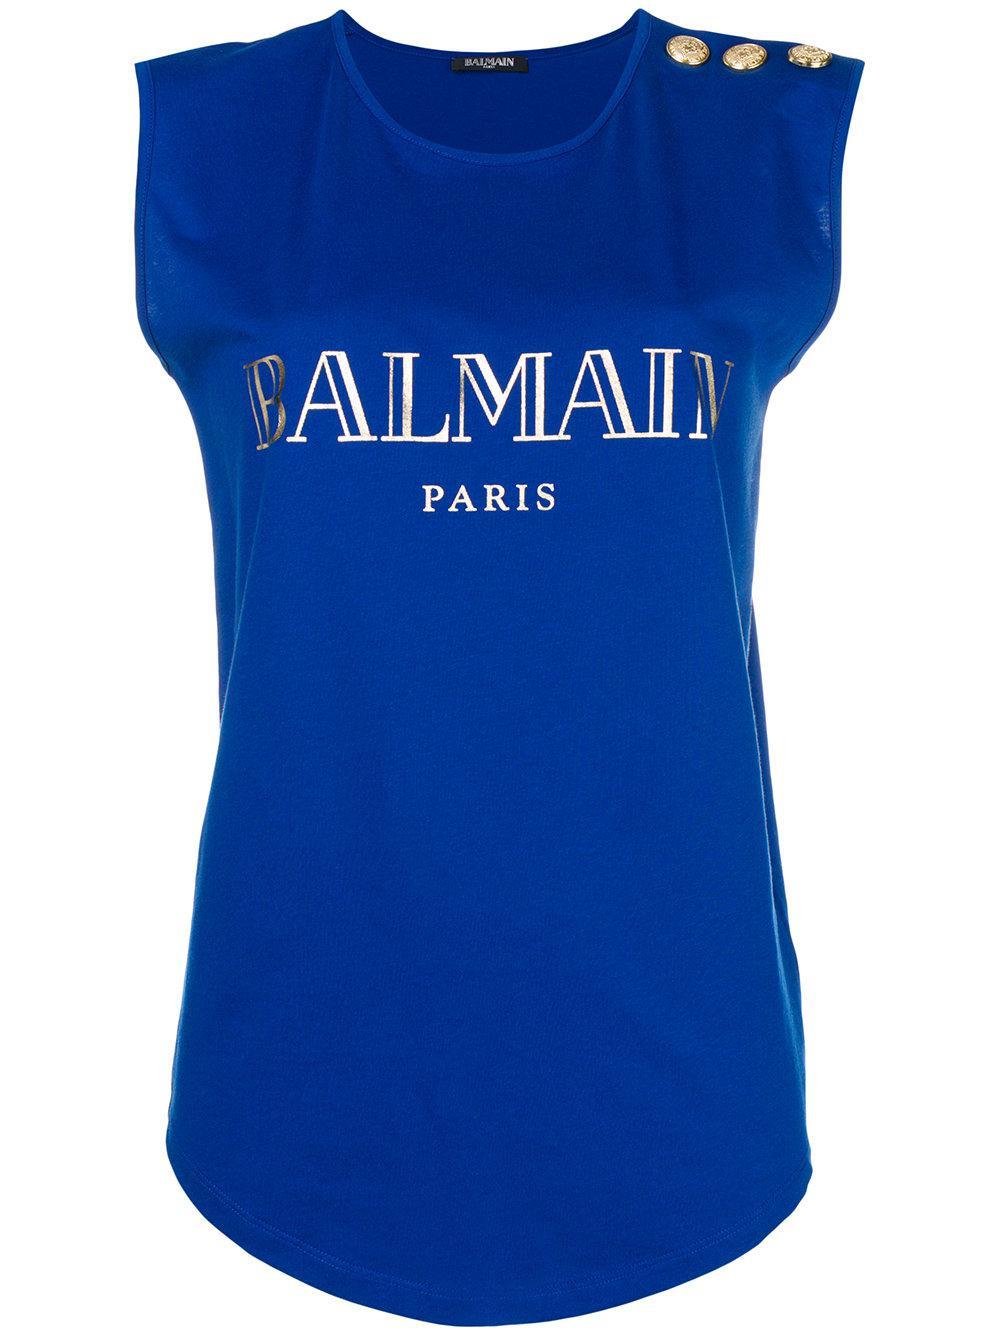 544ad80a Balmain Logo Print Cotton T-shirt in Blue - Save 4.060913705583758 ...